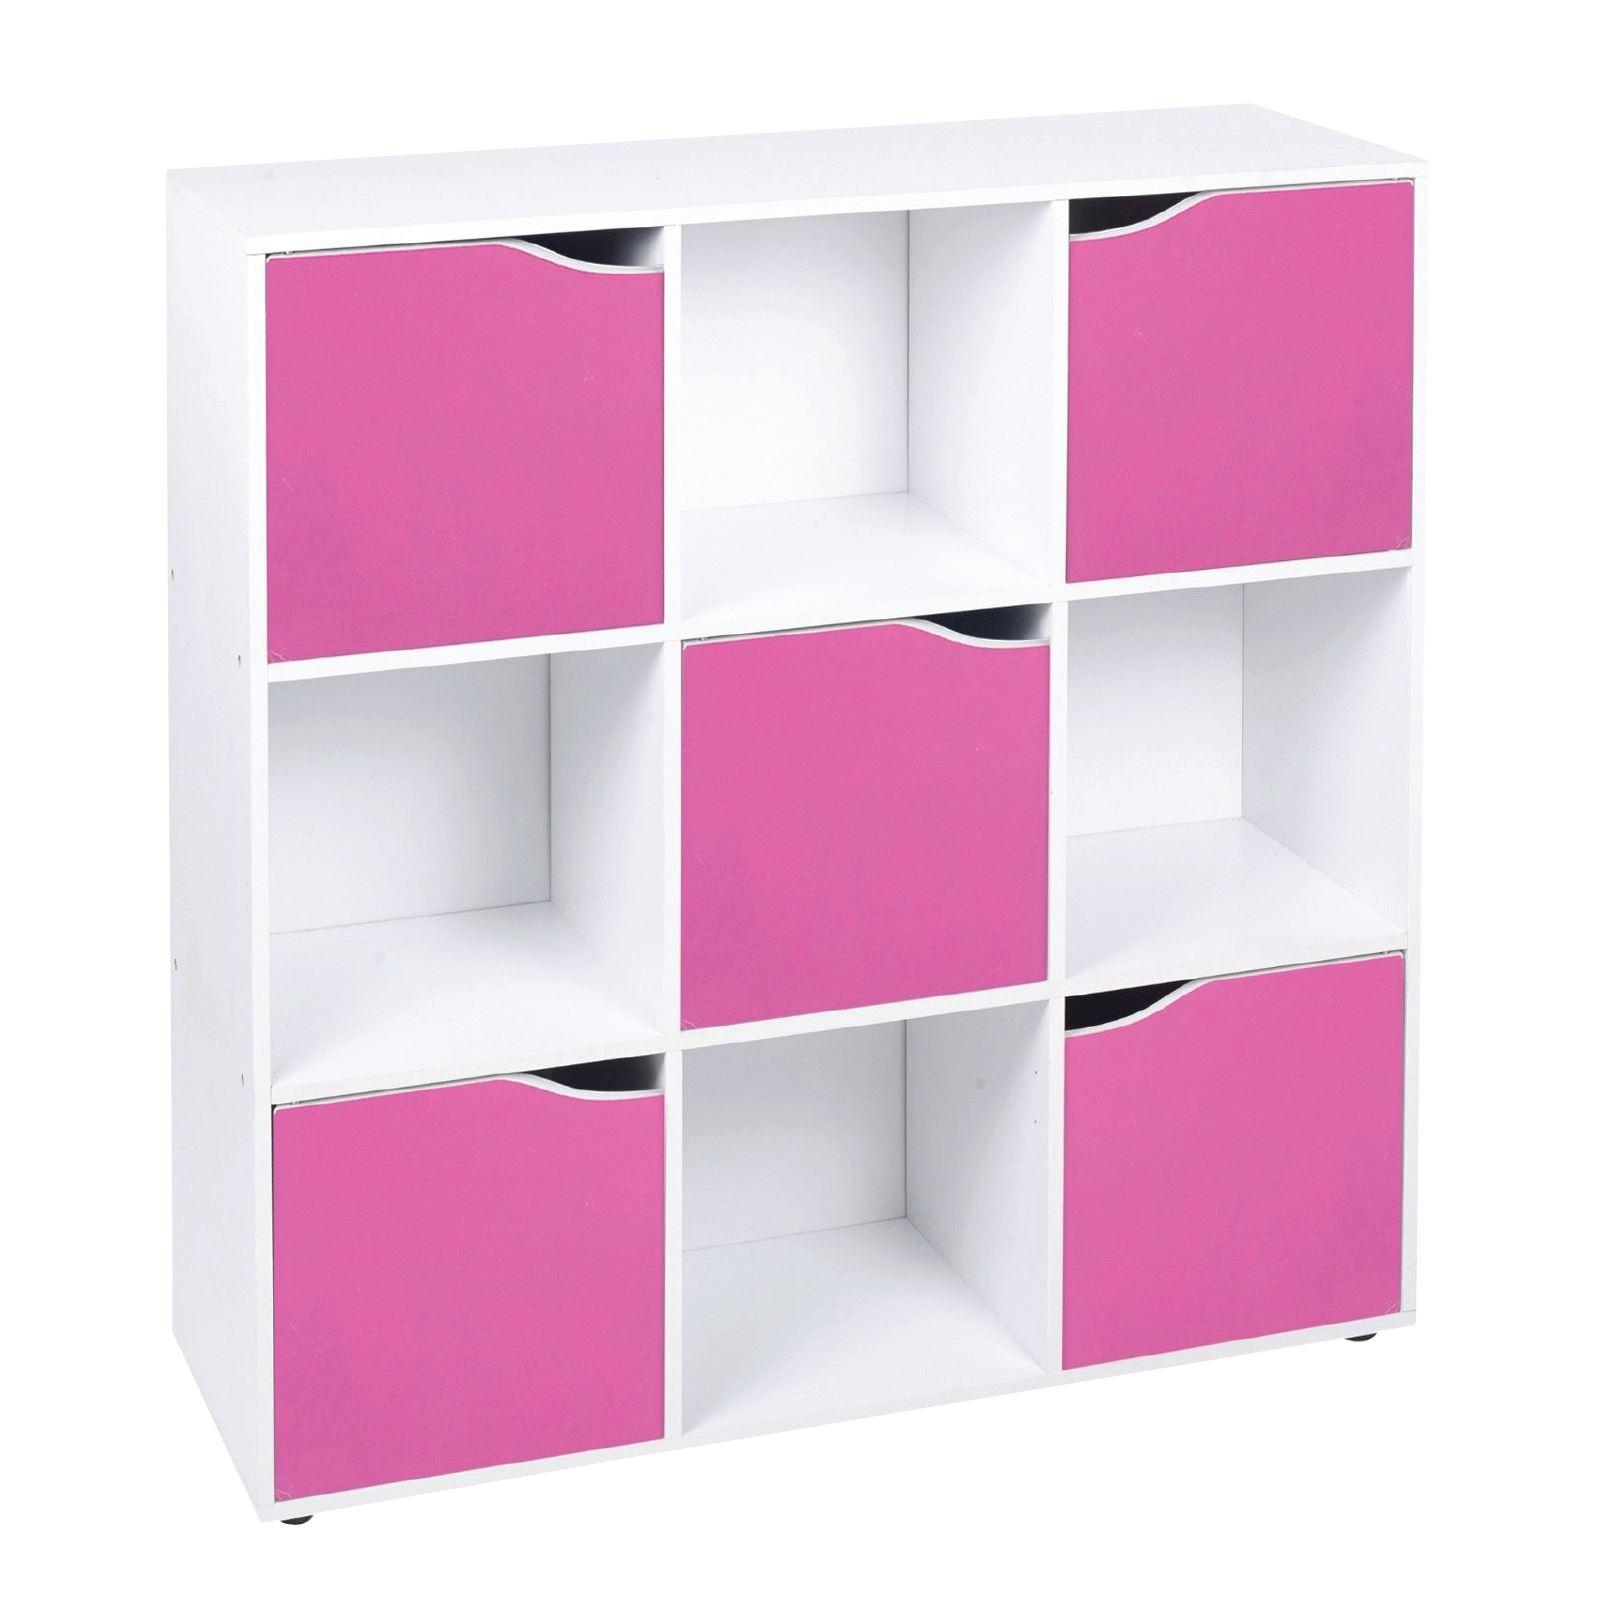 4 6 9 cube wooden storage unit bookcase shelving display shelves wood shelf door ebay. Black Bedroom Furniture Sets. Home Design Ideas